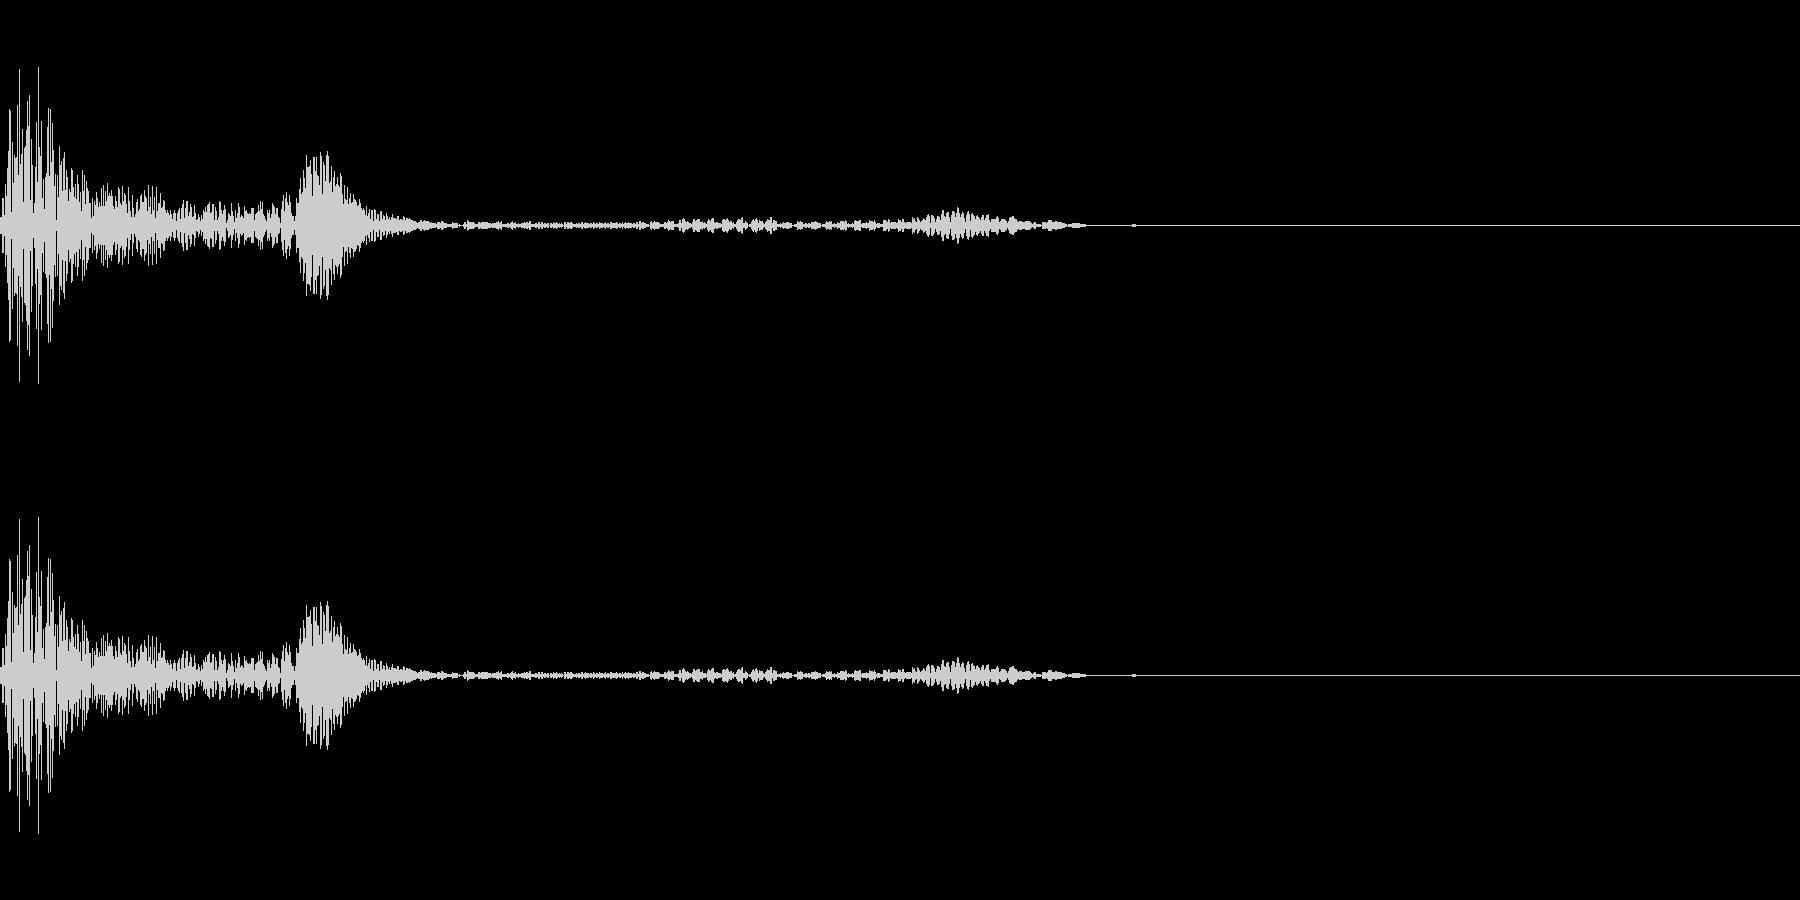 キャンセル/阻害音(ヴゥァヴーッ)の未再生の波形